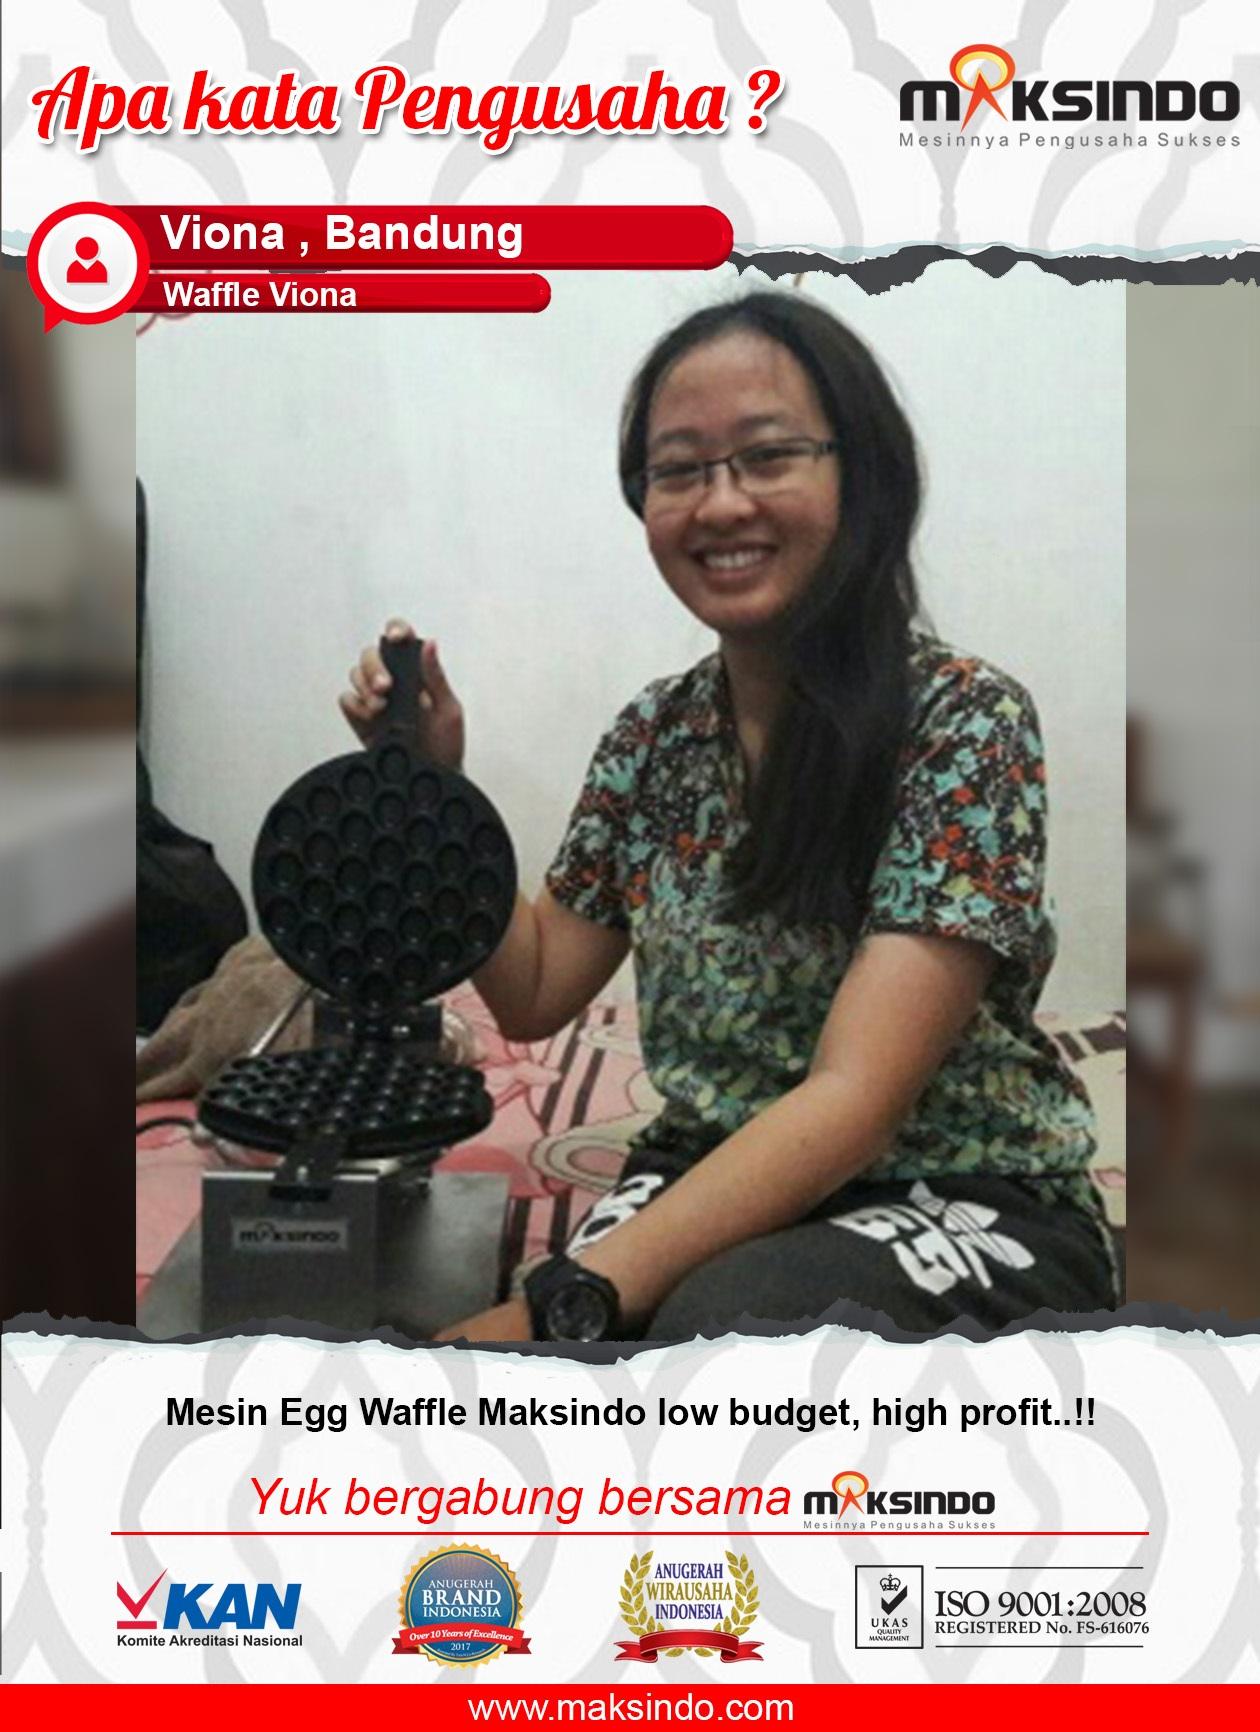 Waffle Viona : Usaha Saya Menggunakan Mesin Egg Waffle Budget Untung Banyak